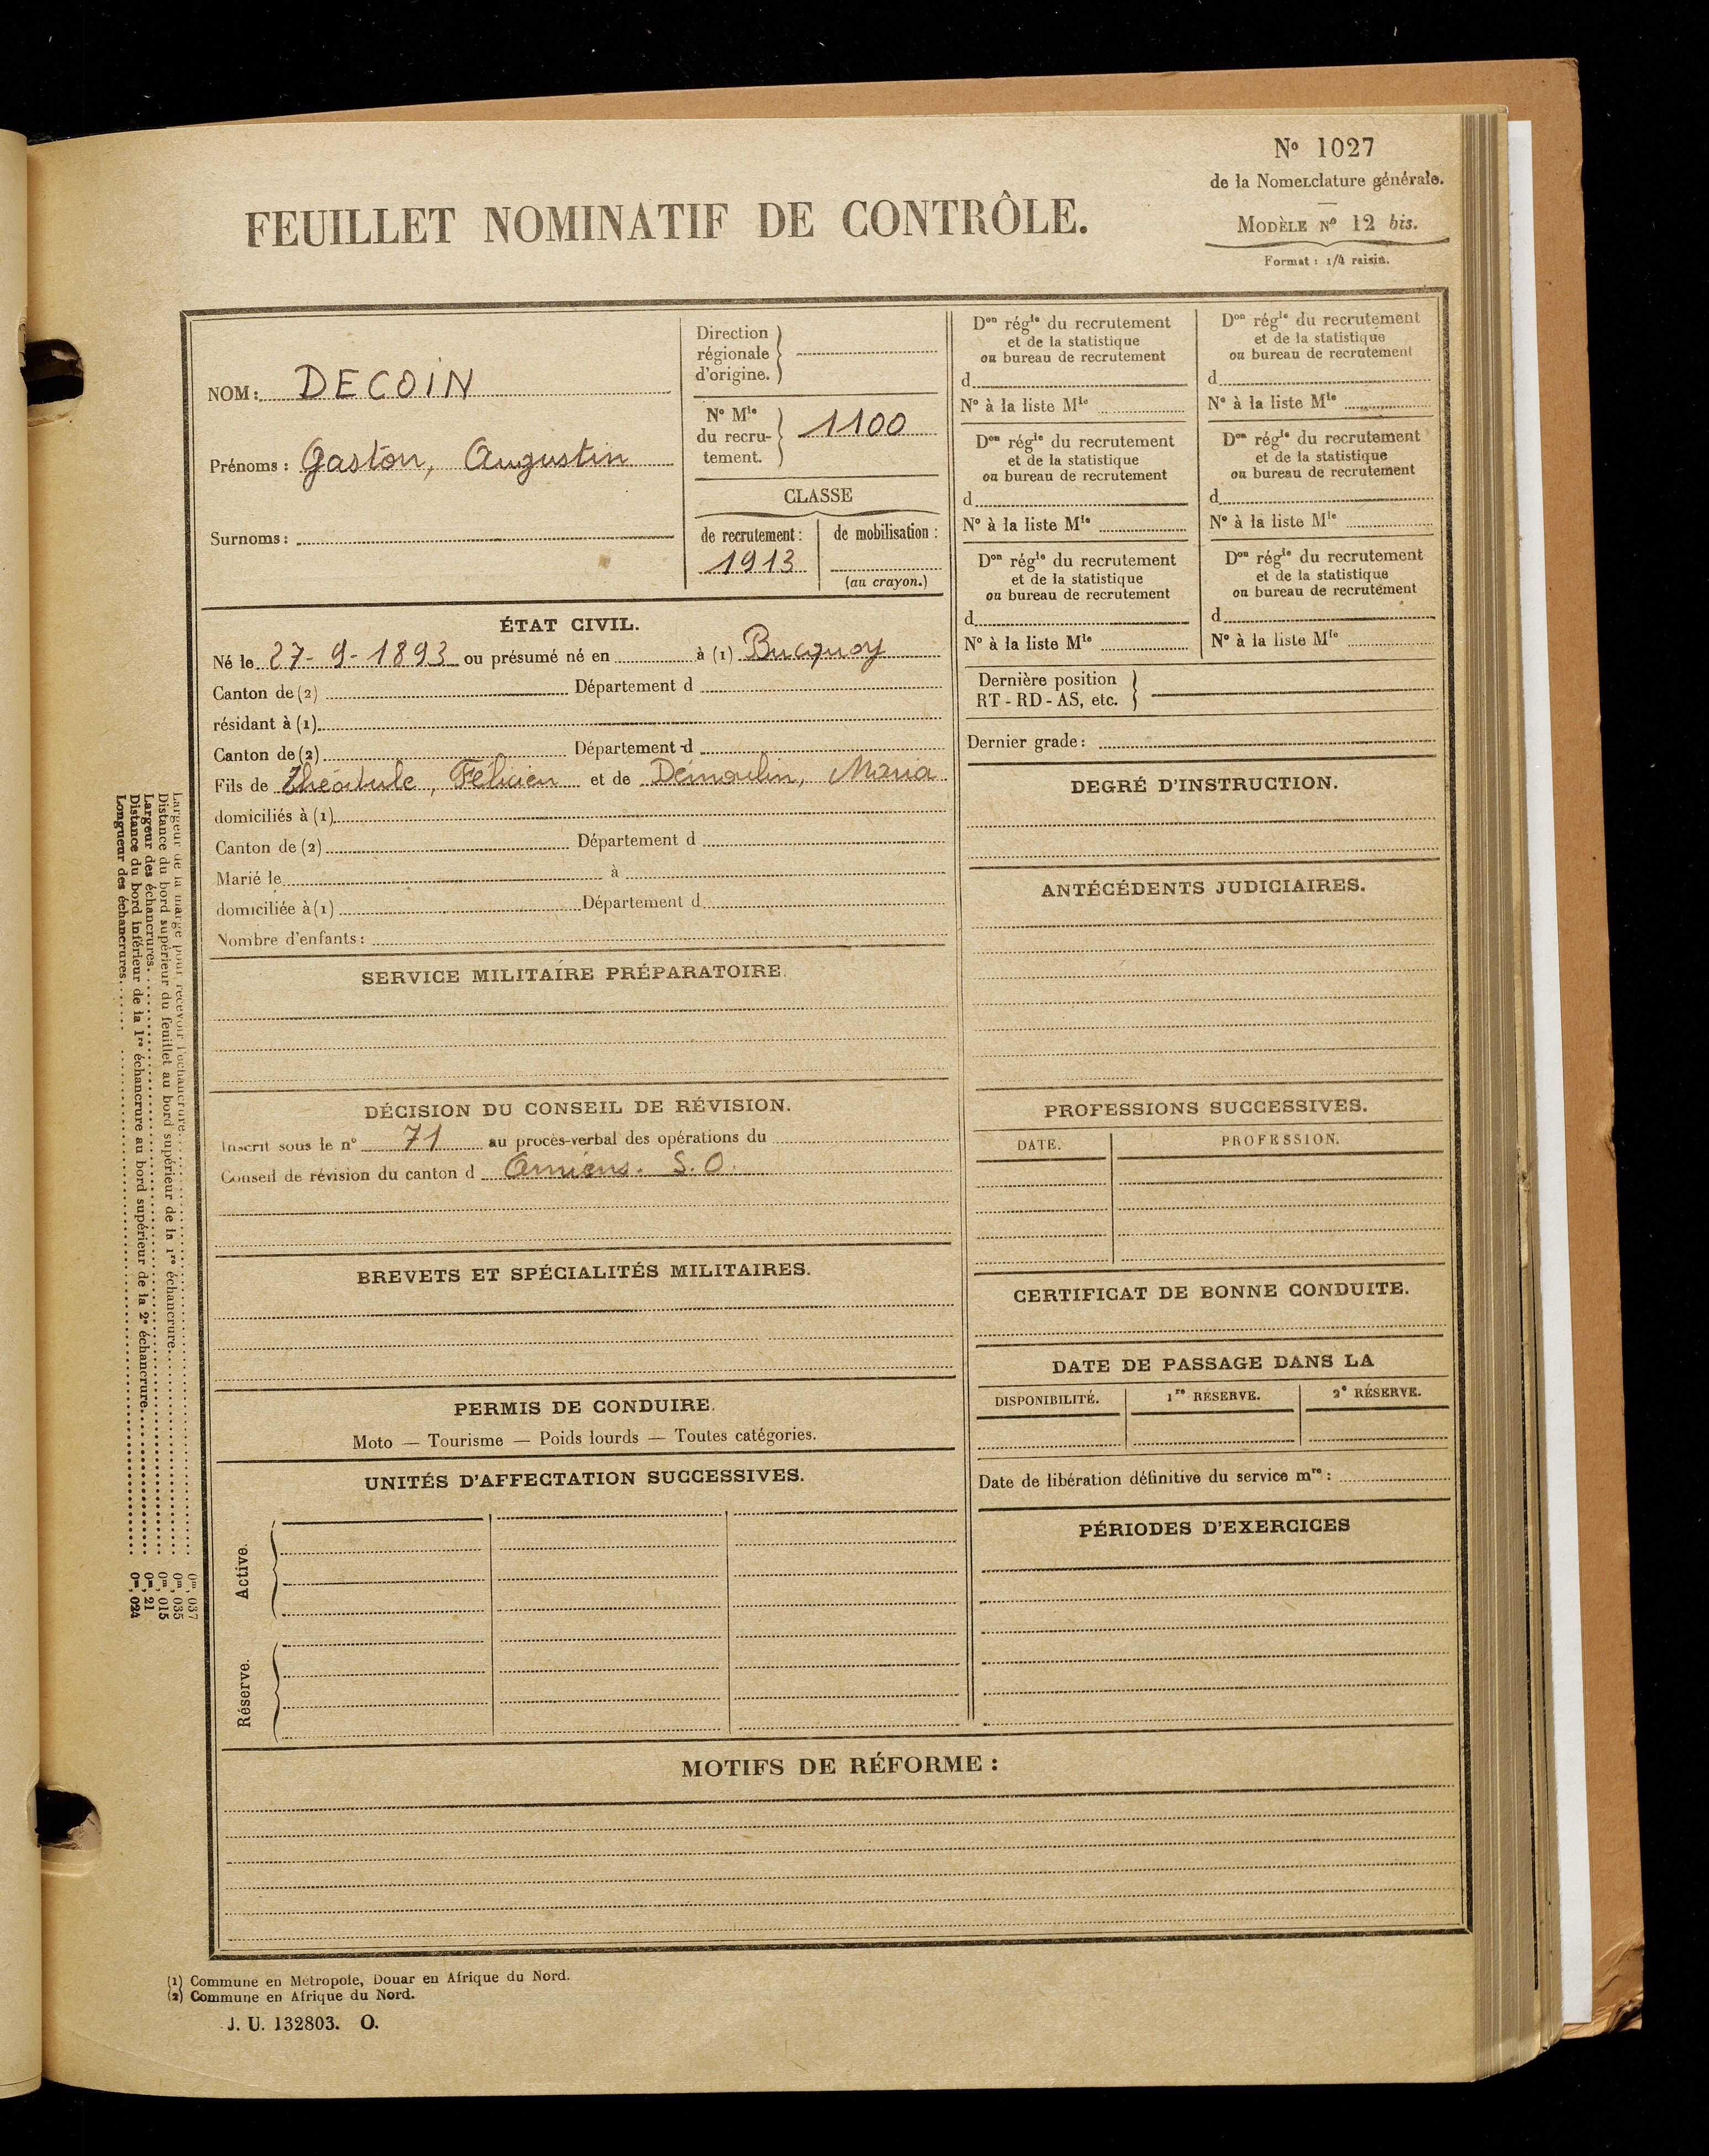 Decoin, Gaston Augustin, né le 27 septembre 1893 à Bucquoy (Pas-de-Calais), classe 1913, matricule n° 1100, Bureau de recrutement d'Amiens